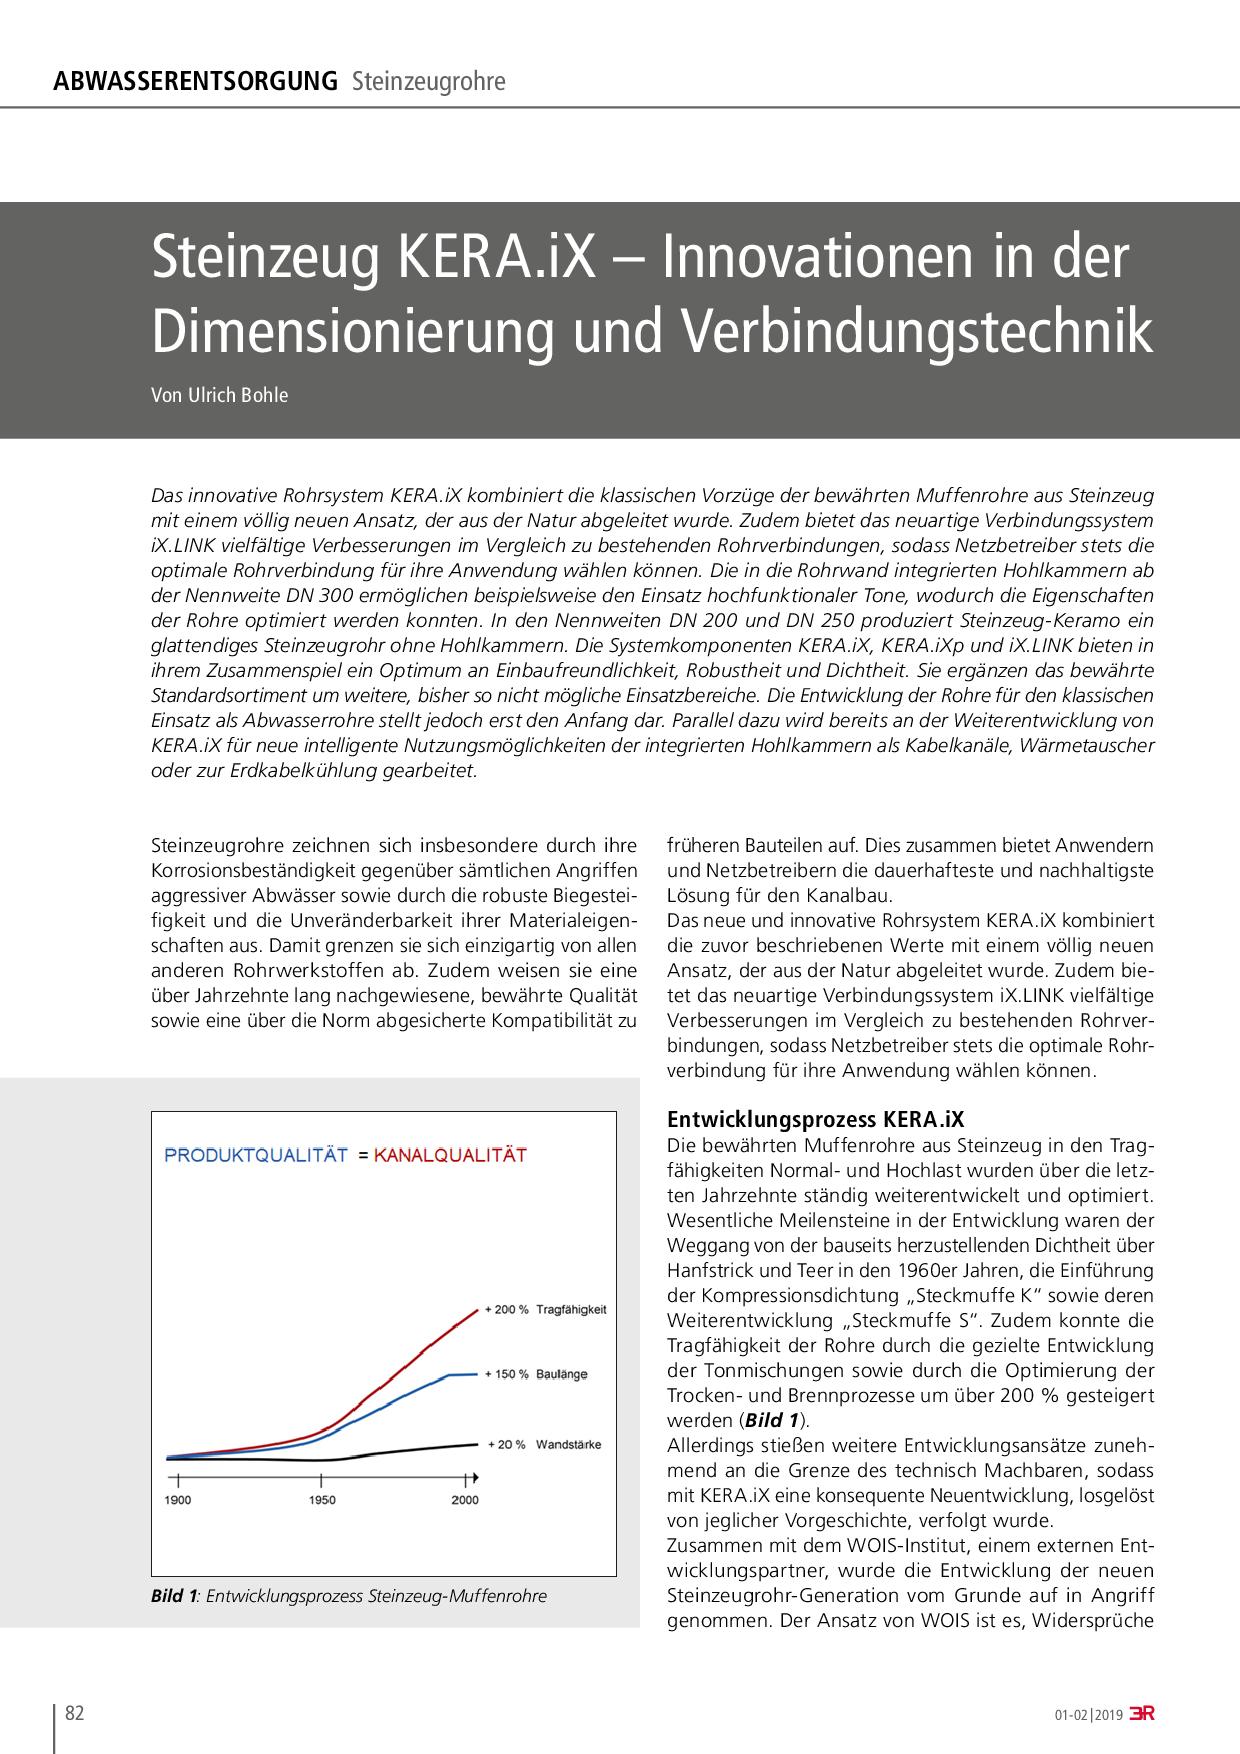 Steinzeug KERA.iX – Innovationen in der Dimensionierung und Verbindungstechnik